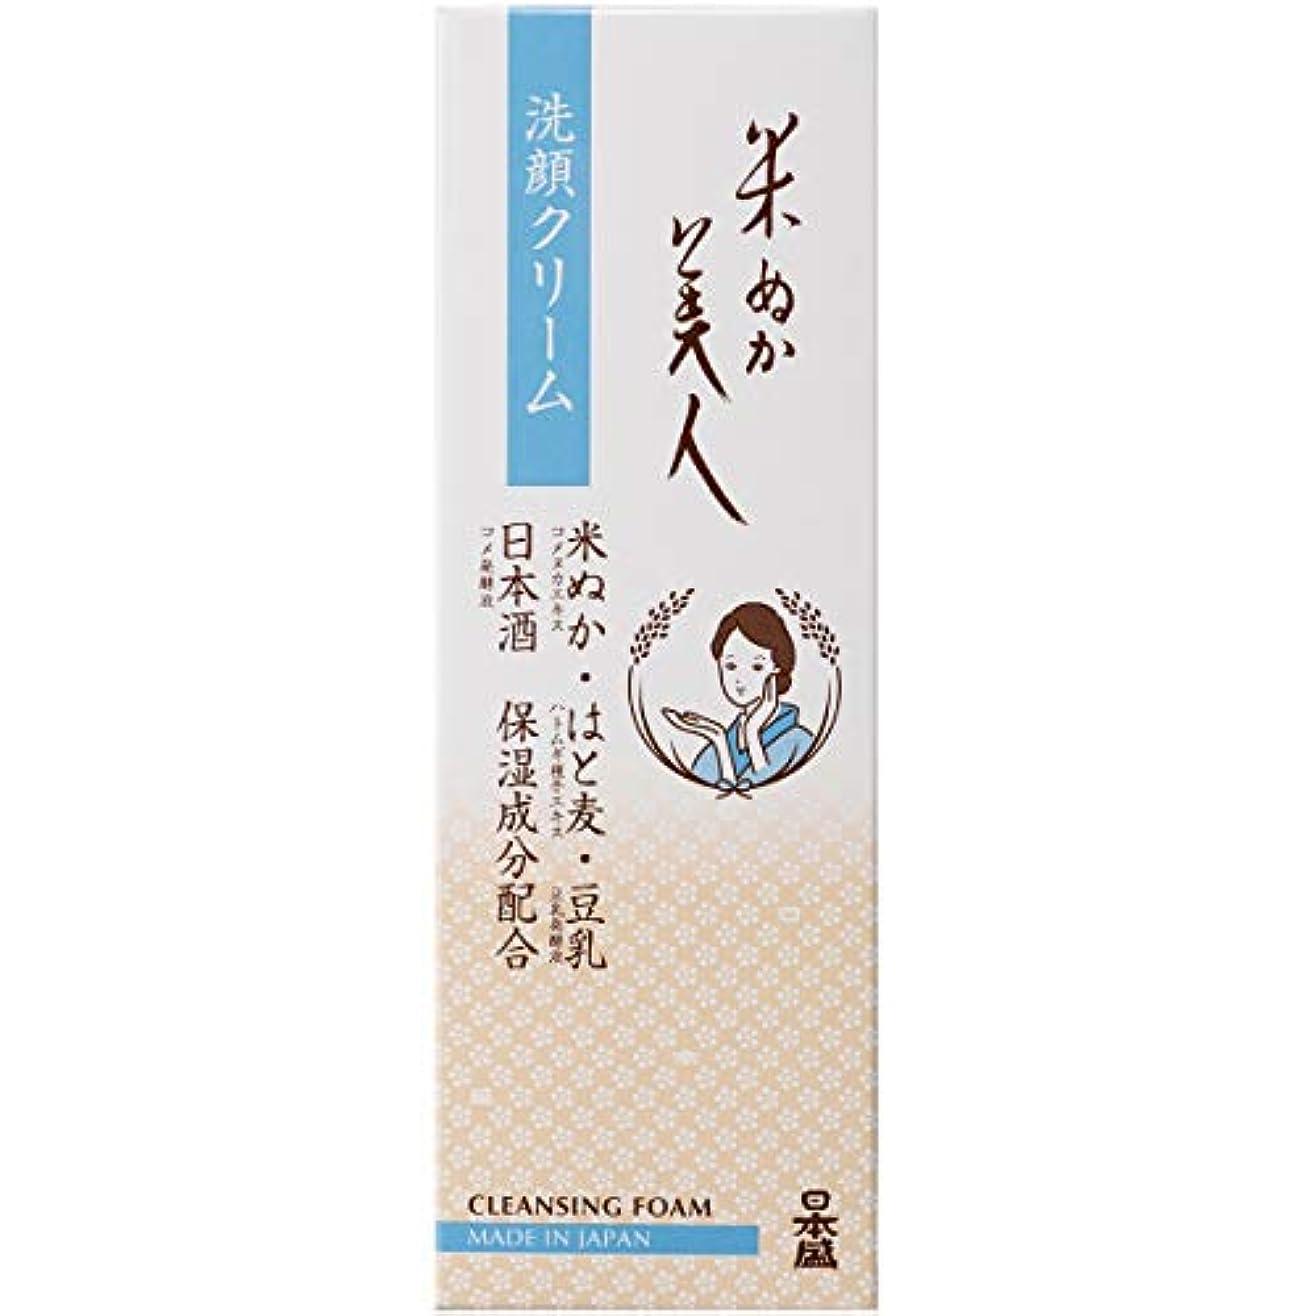 モスク首謀者参加する日本盛 米ぬか美人 洗顔クリーム 100g(無香料 無着色)